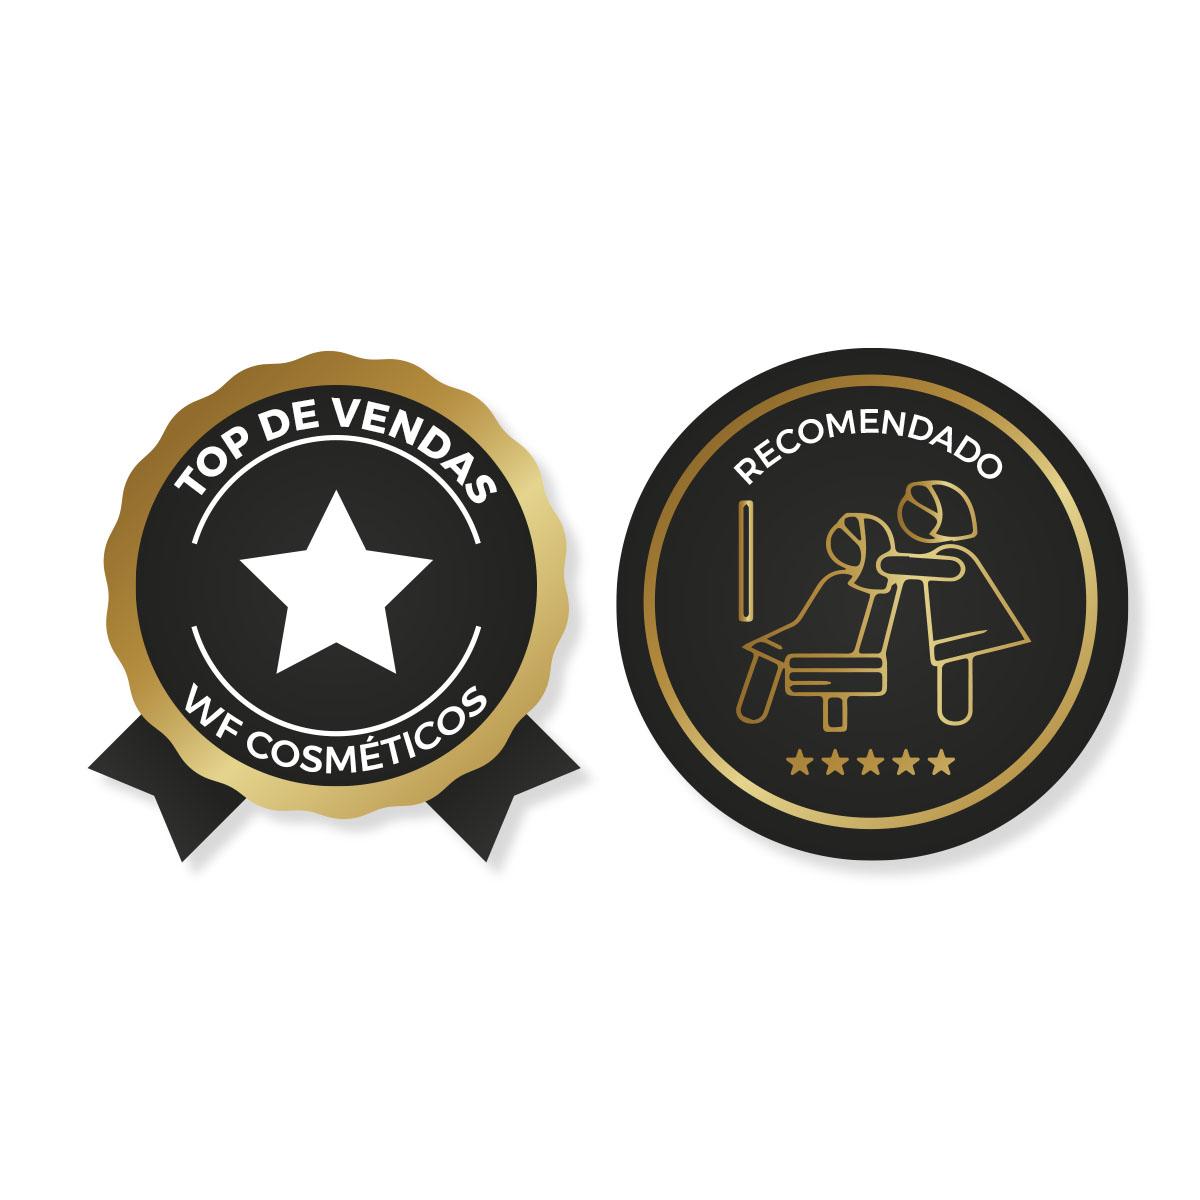 ANTIQUEBRA TERAPY - Máscara Purificante WF COSMETICOS  1000ml